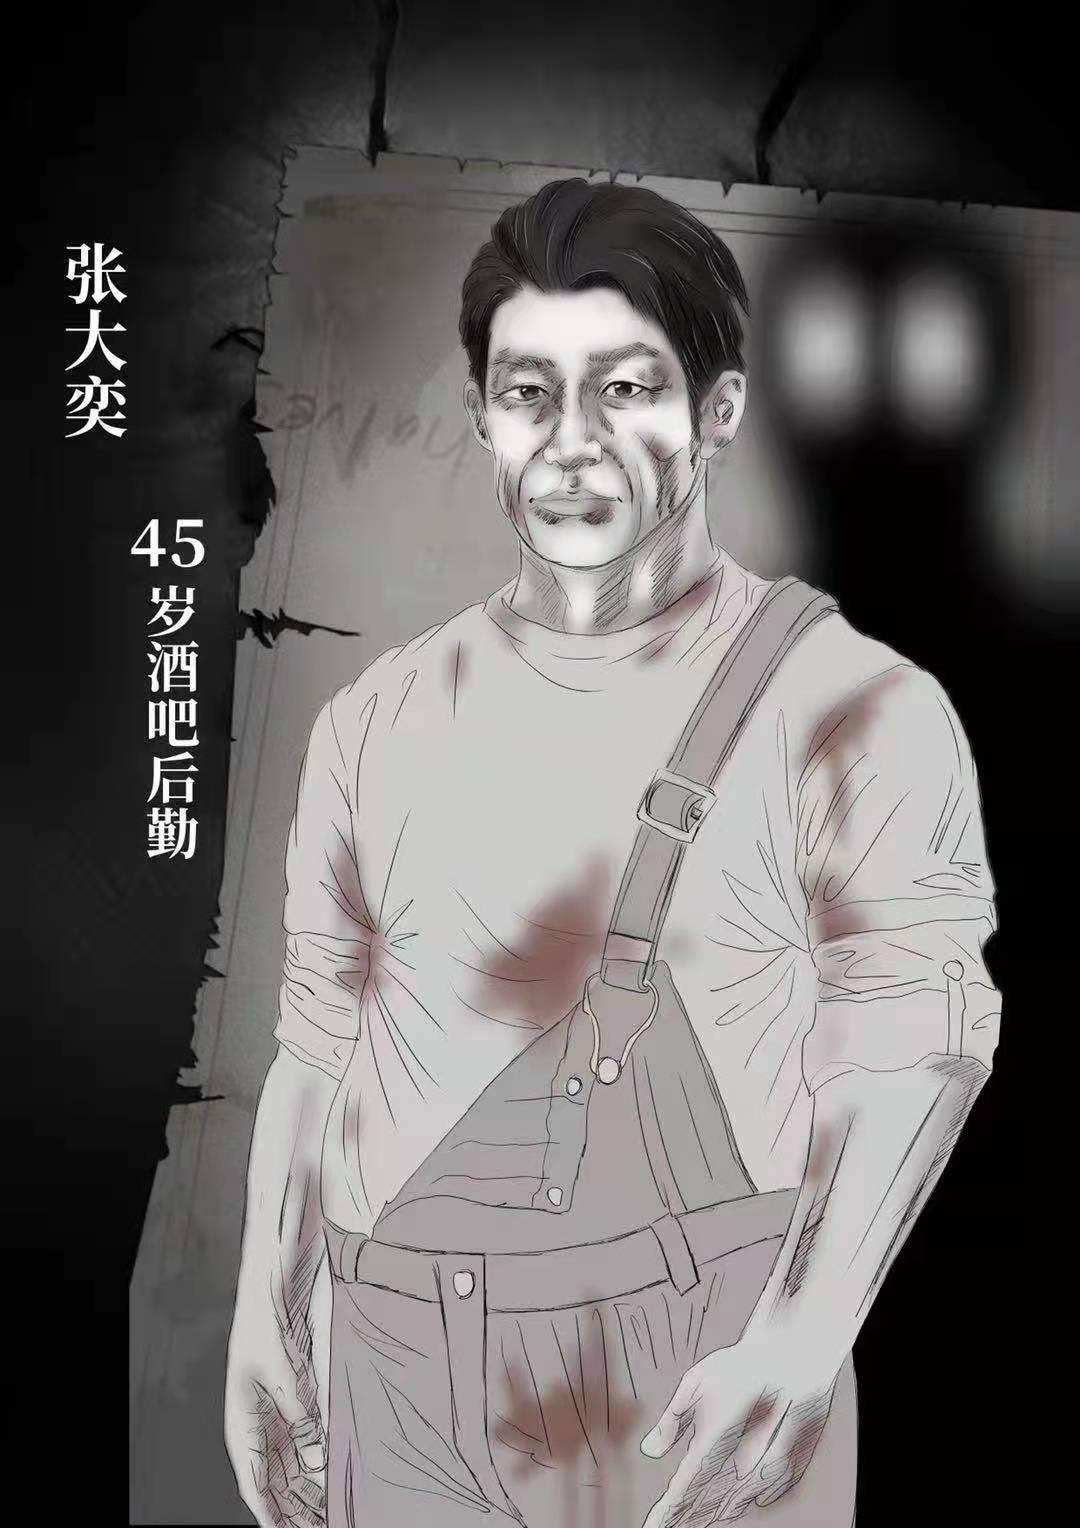 『人皮风筝』剧本杀复盘_答案_推凶线索_真相解析